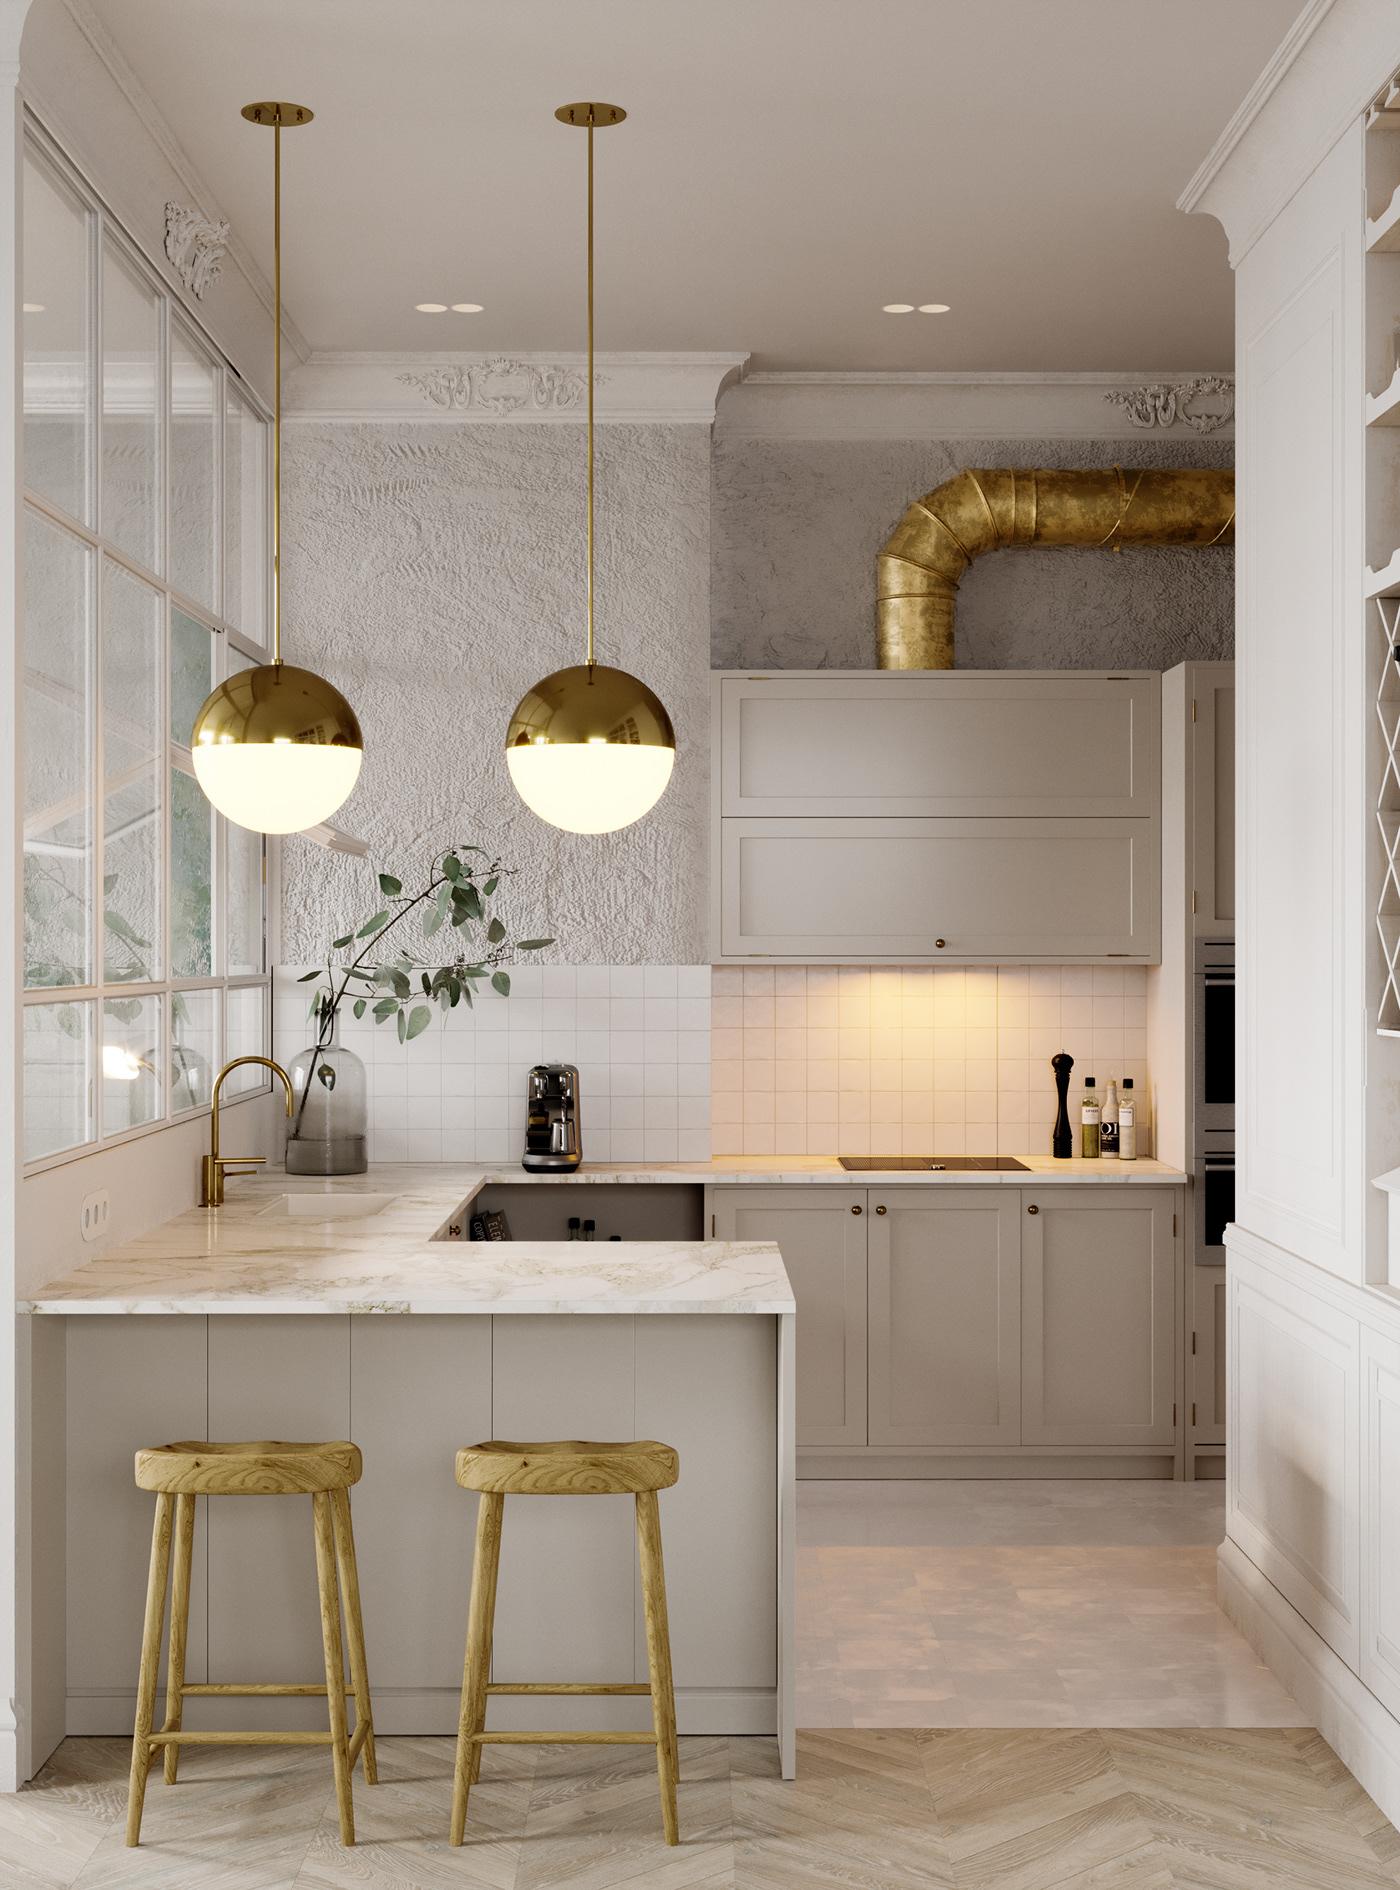 Super Hanglamp boven de keuken – Interieur inrichting TR-52